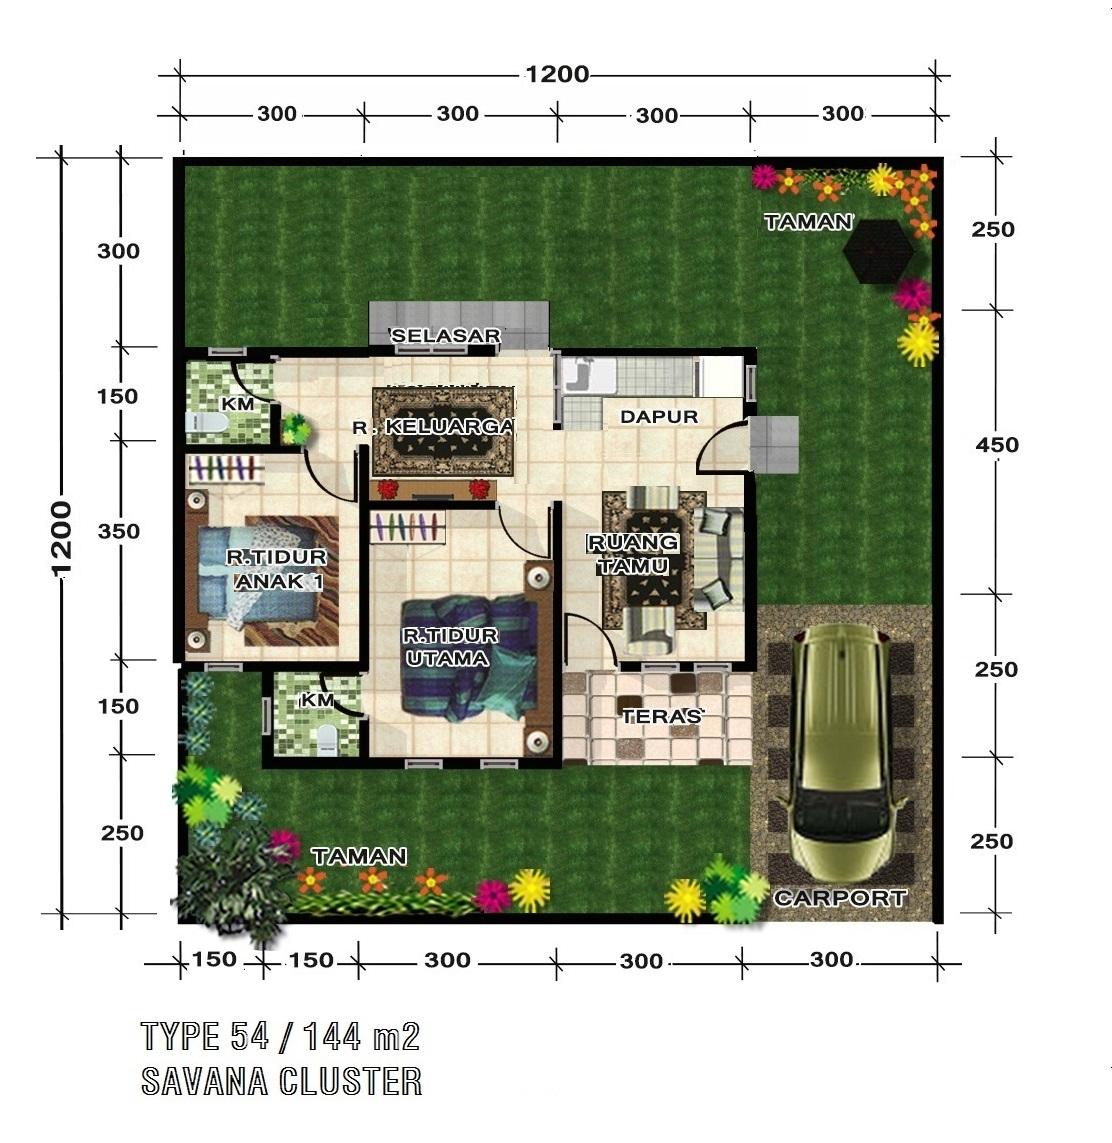 60 Desain Rumah Minimalis Luas Tanah 144 Desain Rumah Minimalis